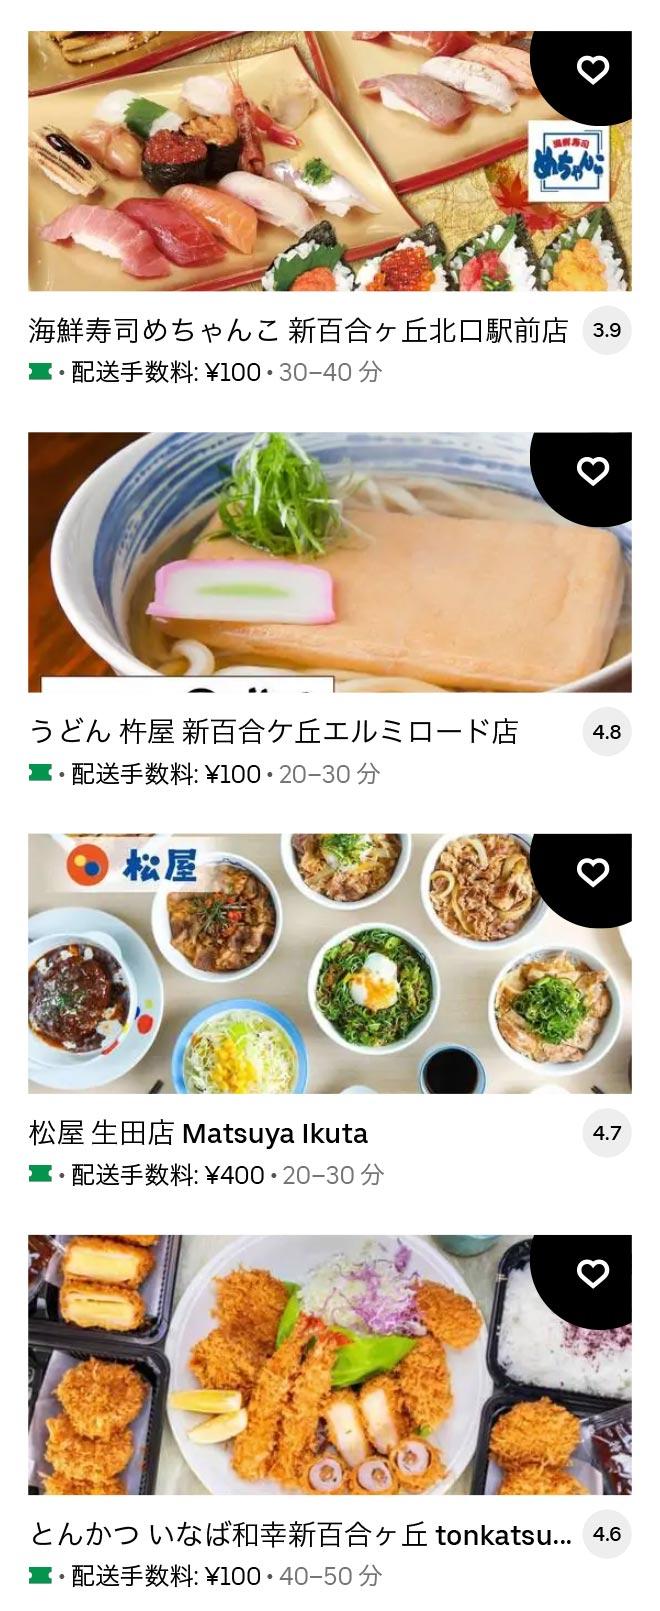 1 u shin yurigaoka 2105 12